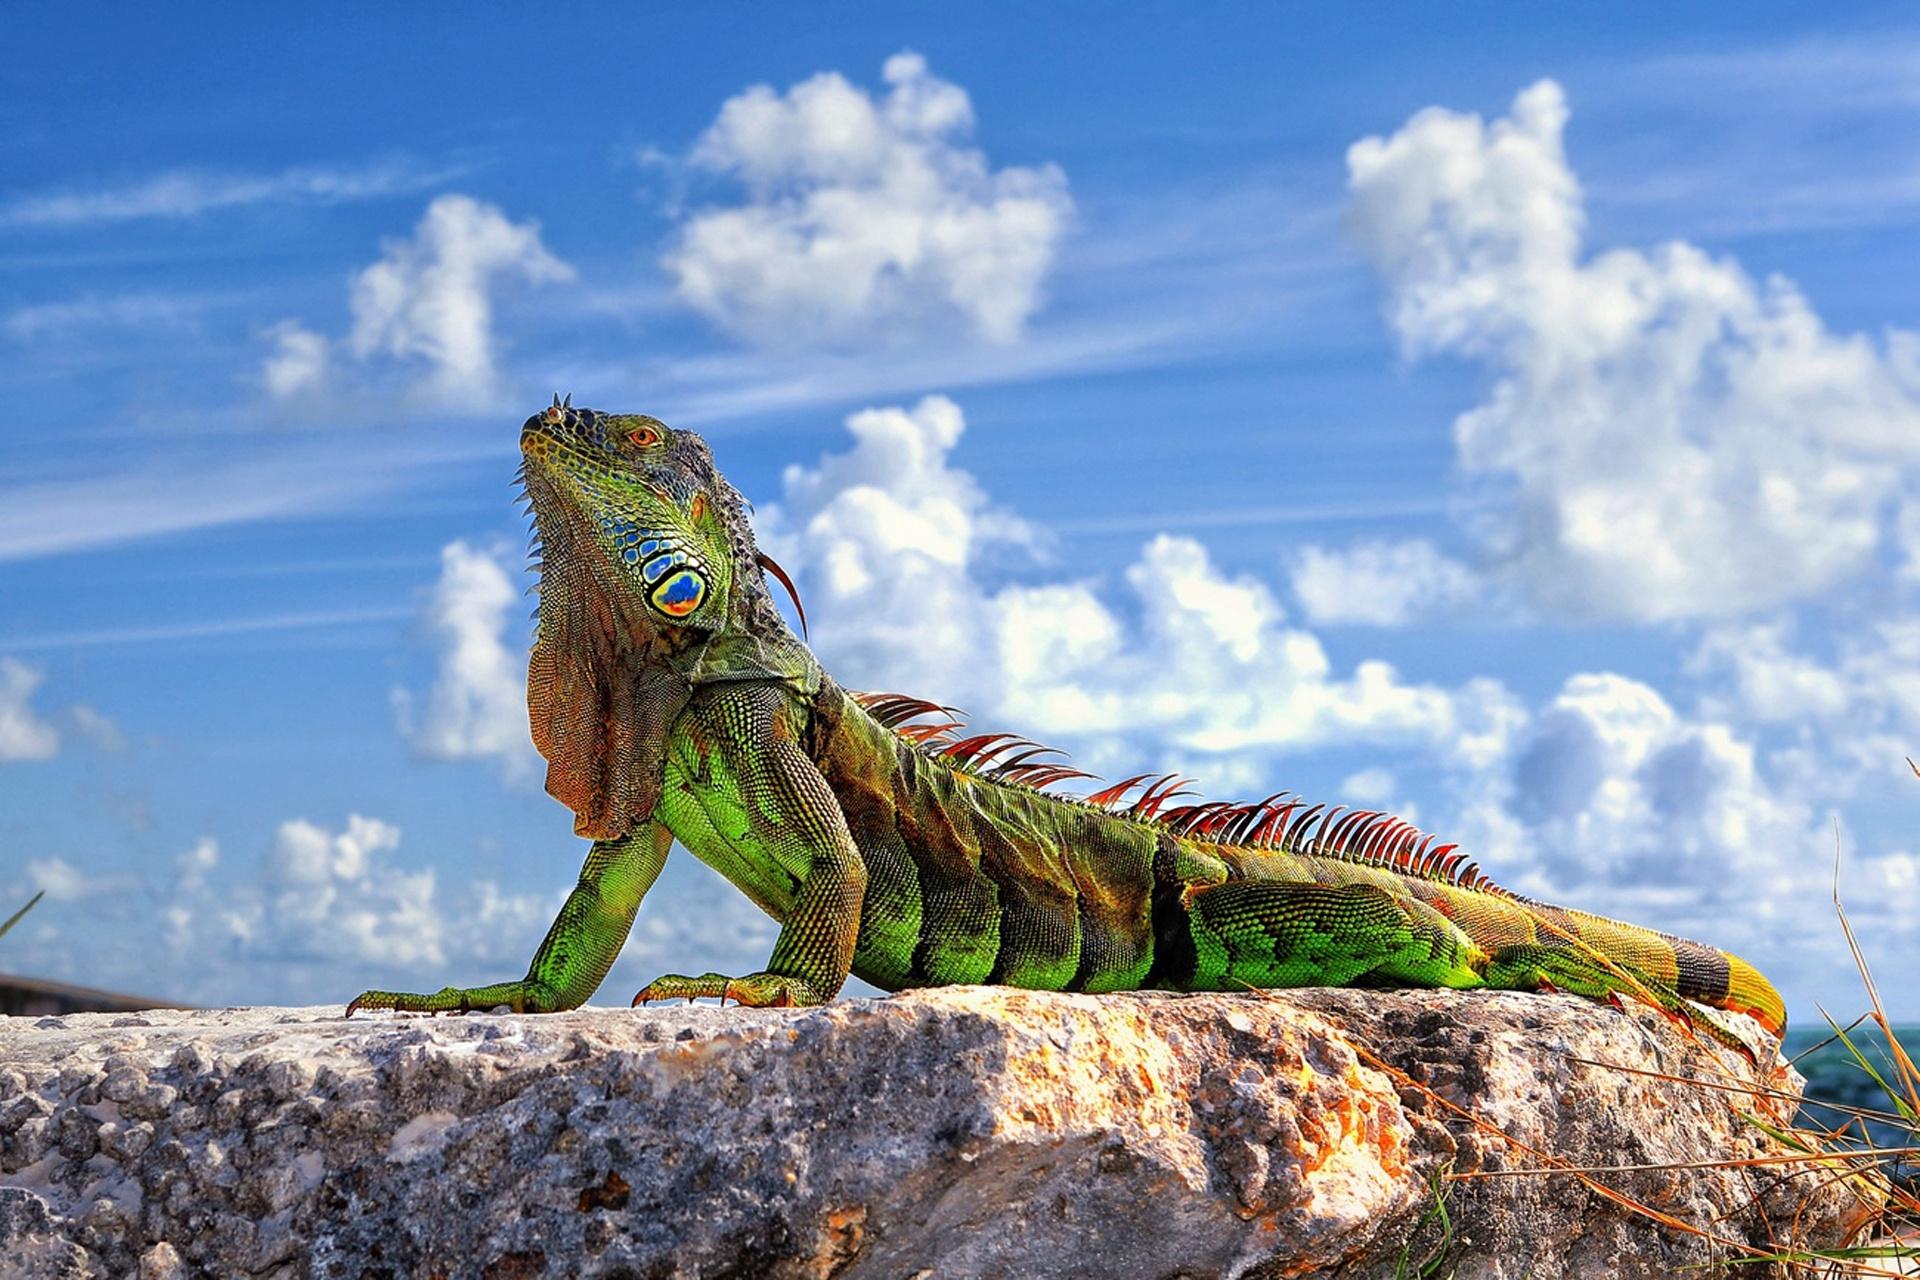 110416 Hintergrundbild herunterladen Tiere, Sky, Clouds, Stein, Eidechse, Ein Stein, Leguan, Iguana - Bildschirmschoner und Bilder kostenlos